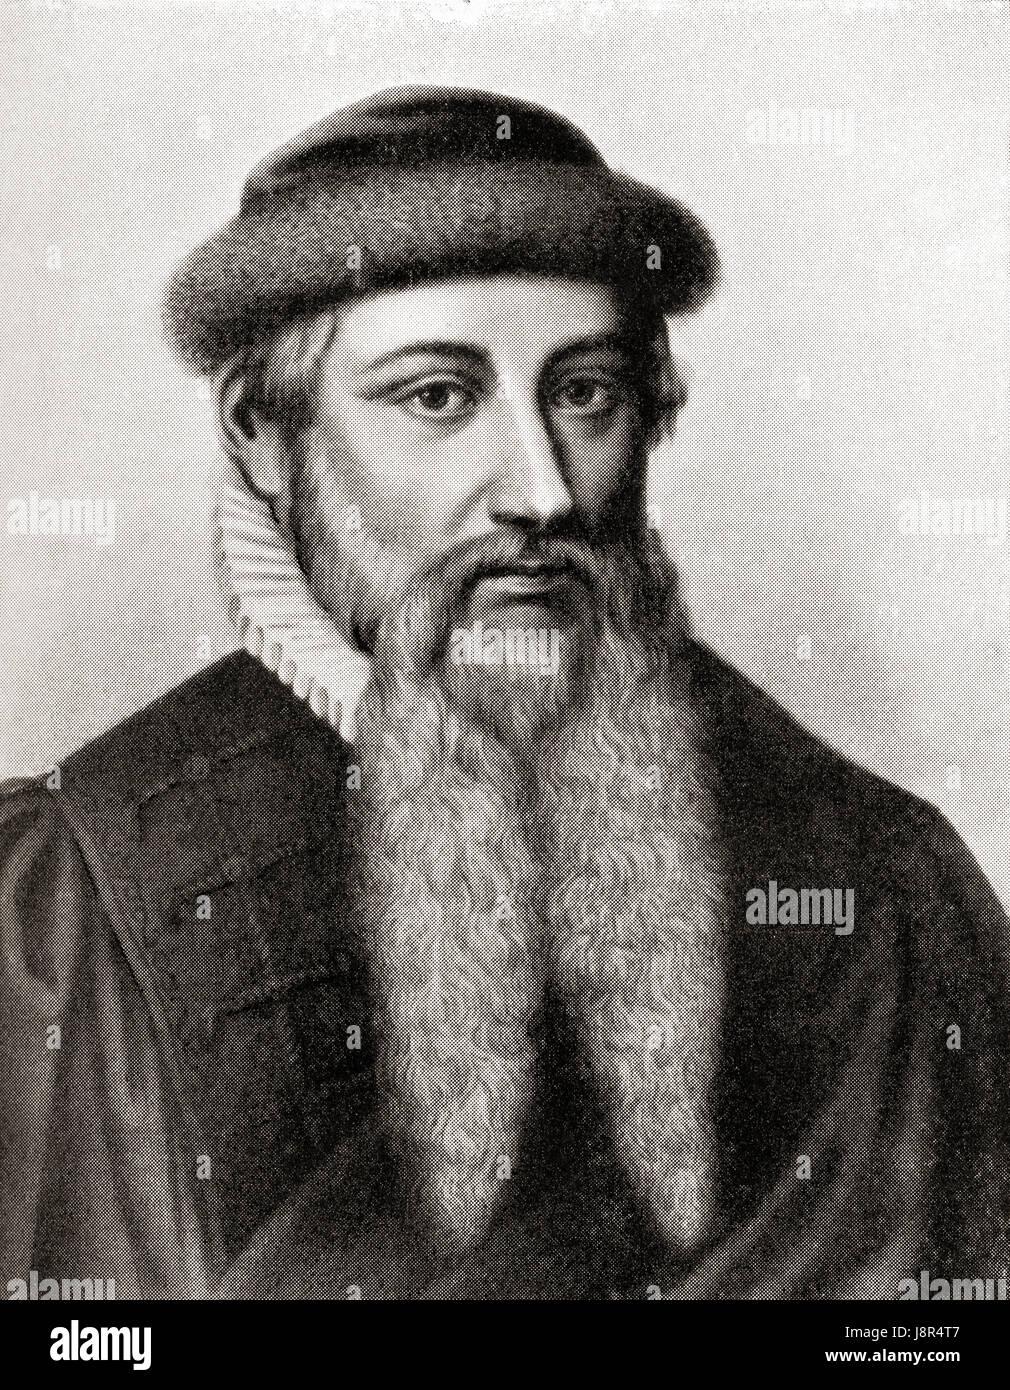 Johannes Gutenberg Printing Press Stockfotos und  bilder Kaufen ...